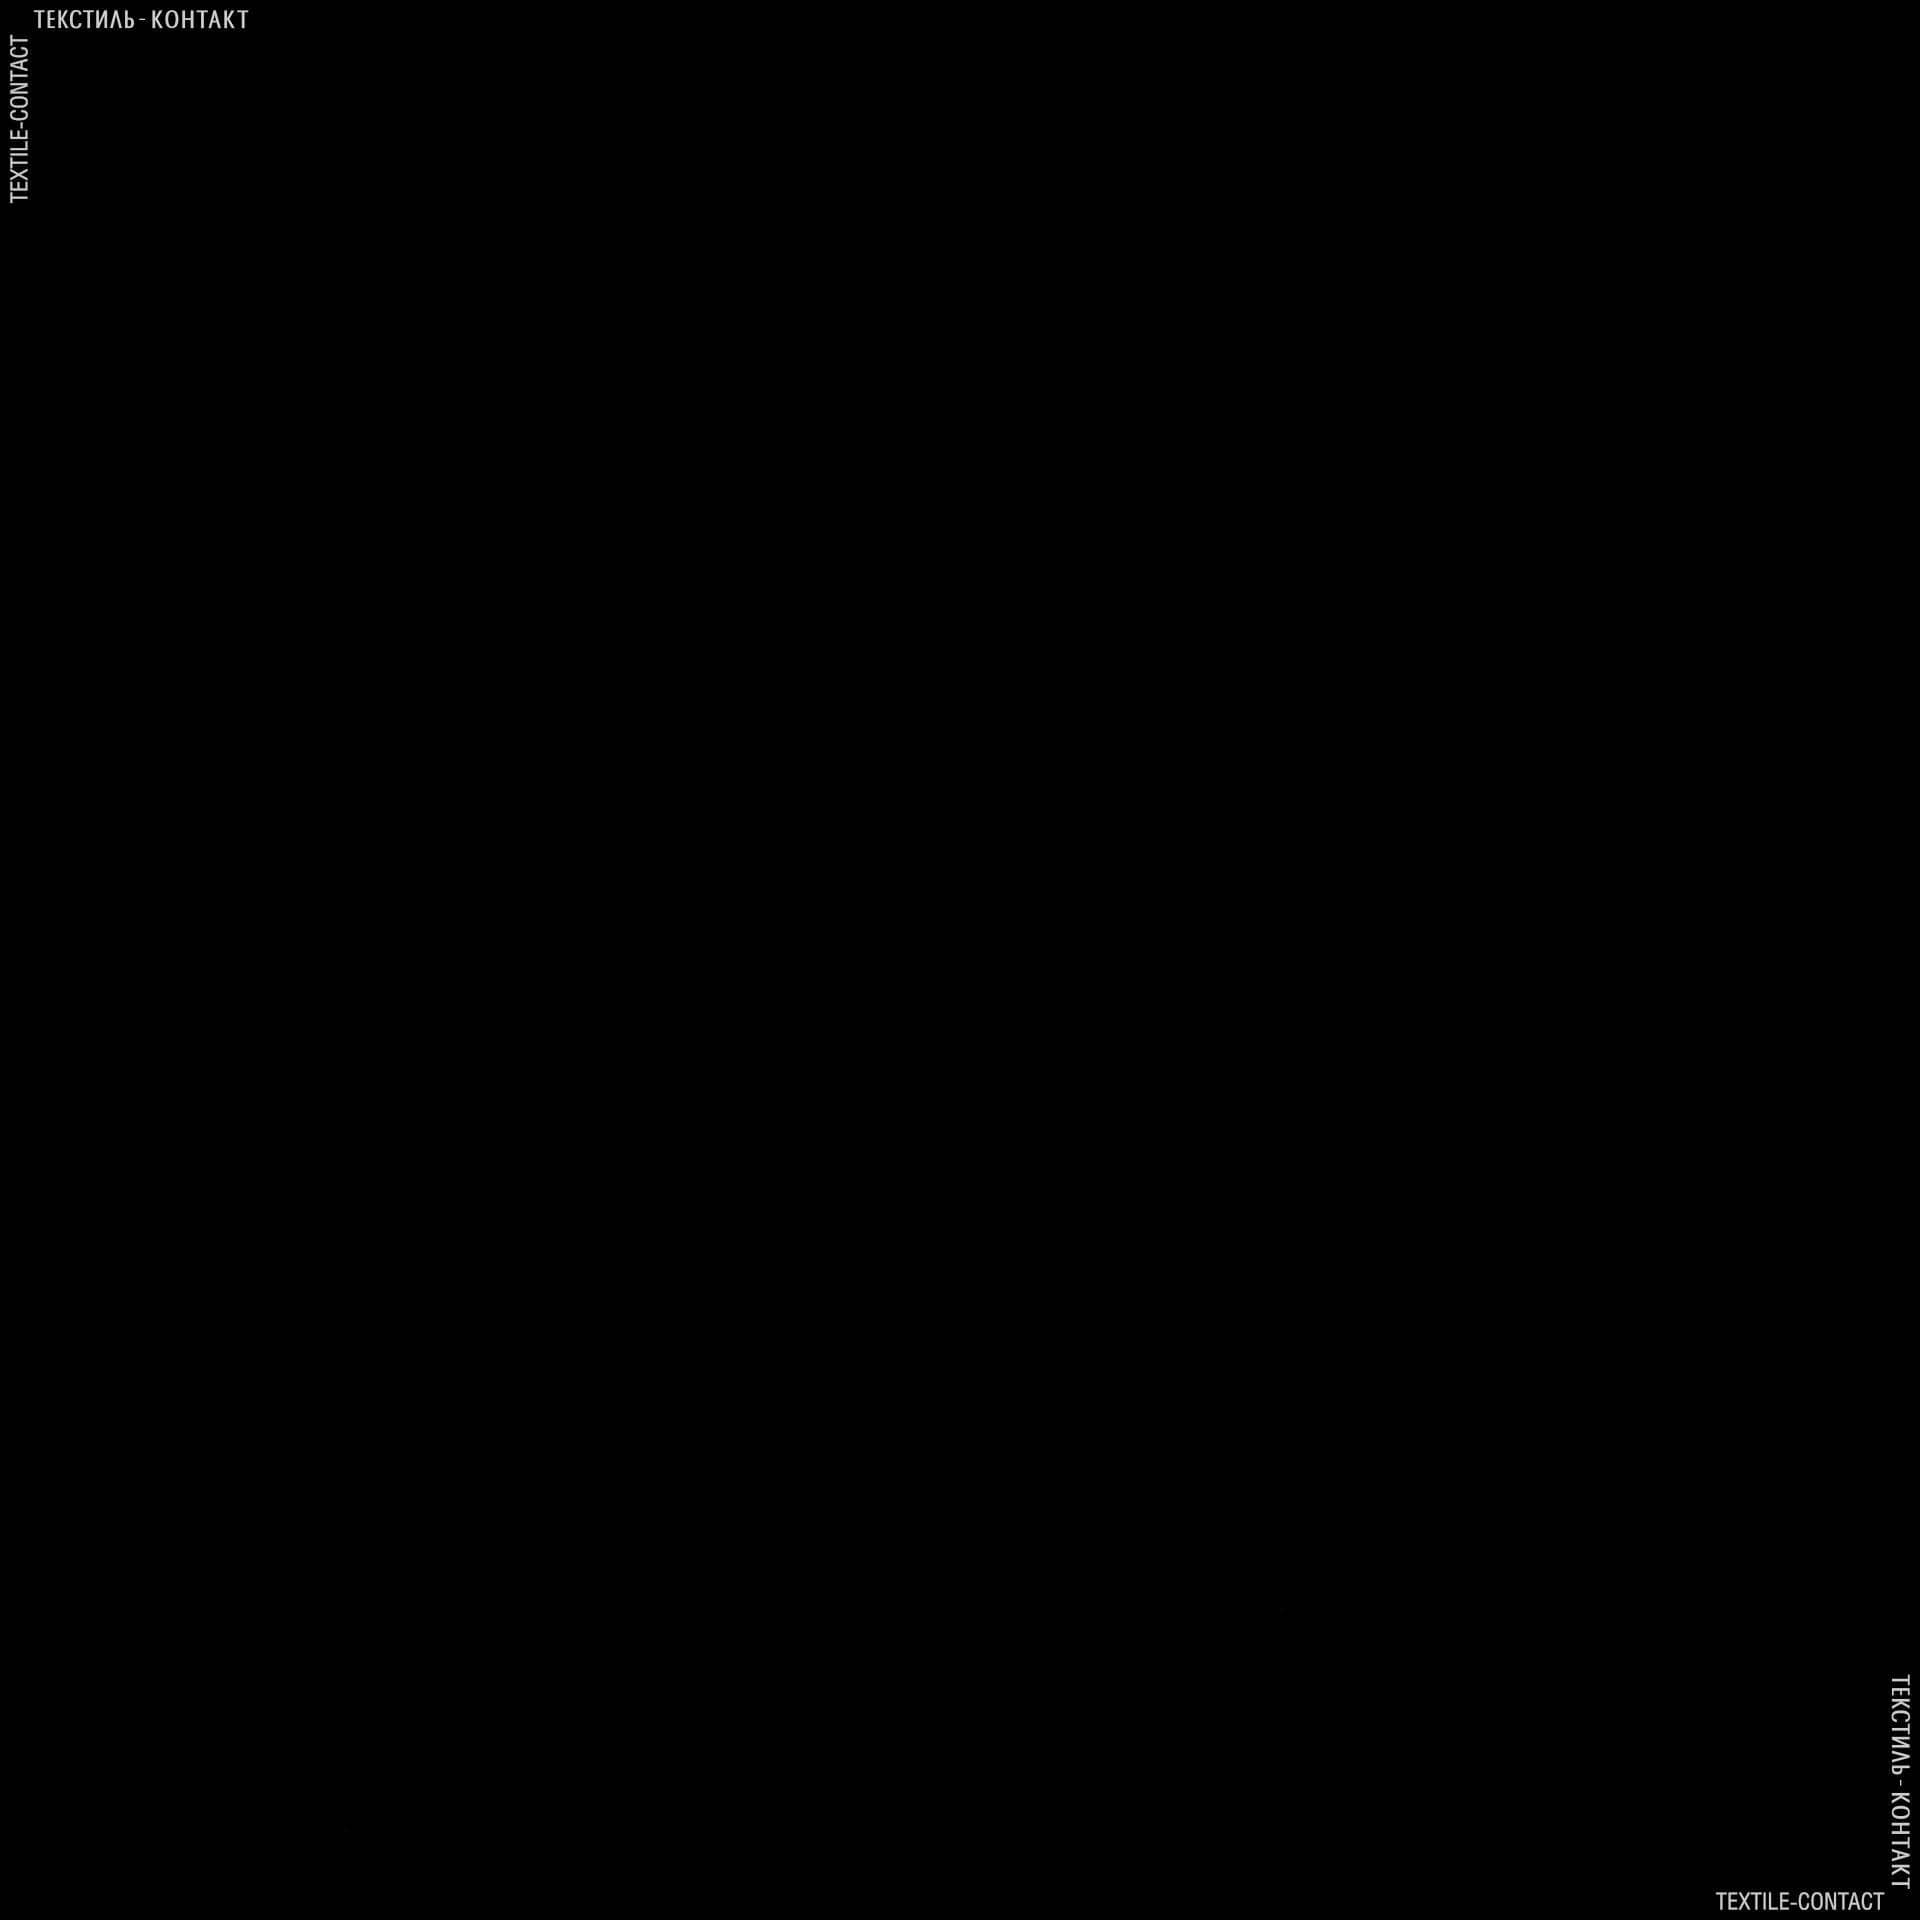 Тканини для штанів - Приладове сукно кармен чорний